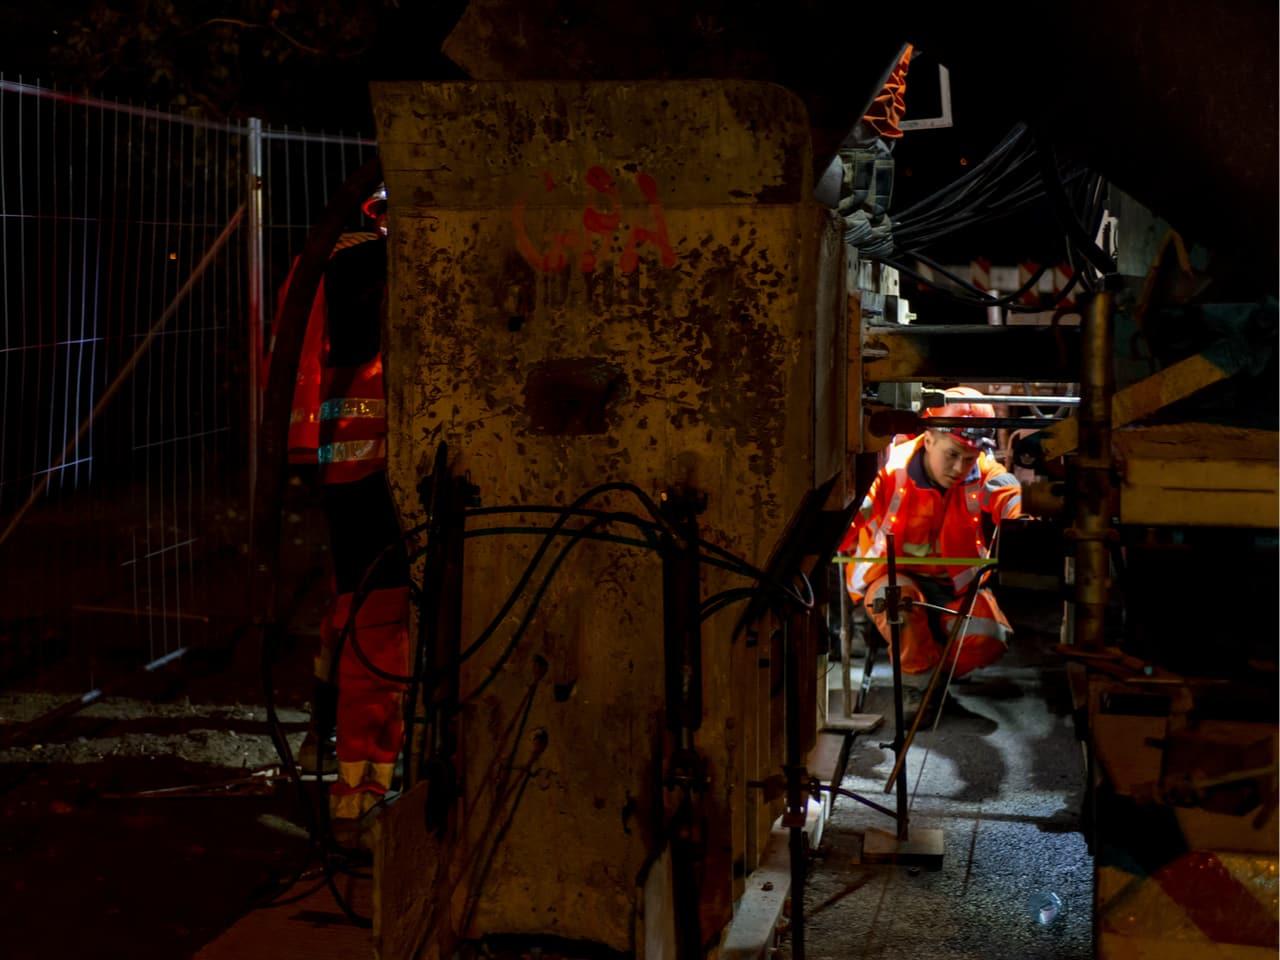 Agent d'AREA travaillant à l'aménagement de l'autoroute A480 durant la nuit dans le secteur de Grenoble